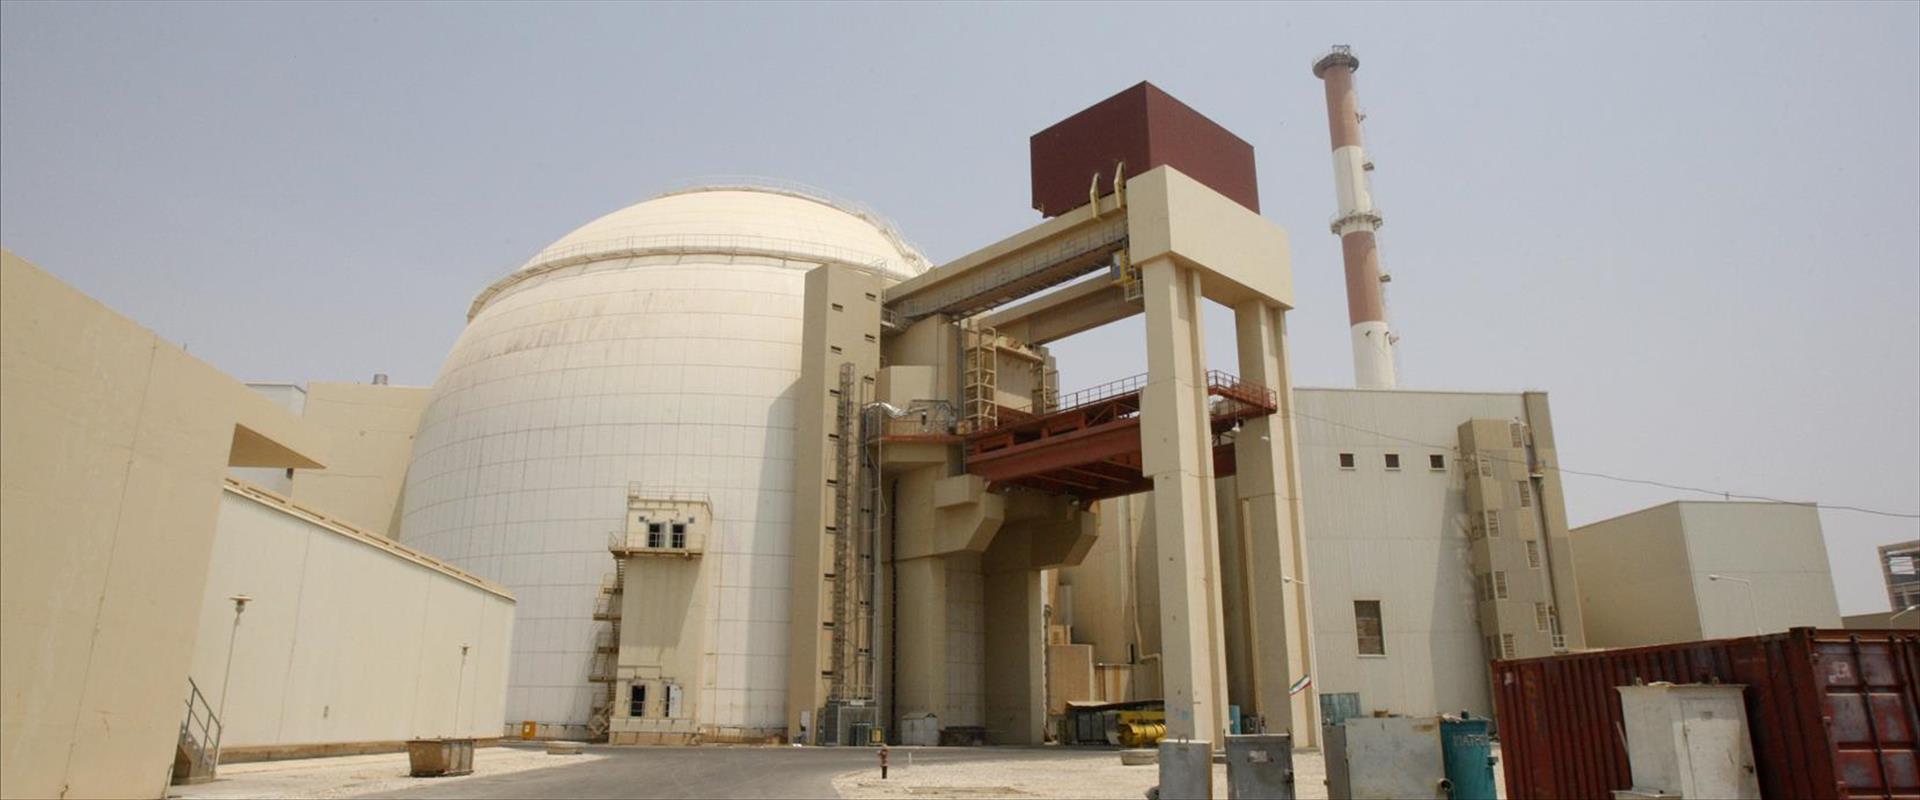 מתקן גרעיני באיראן